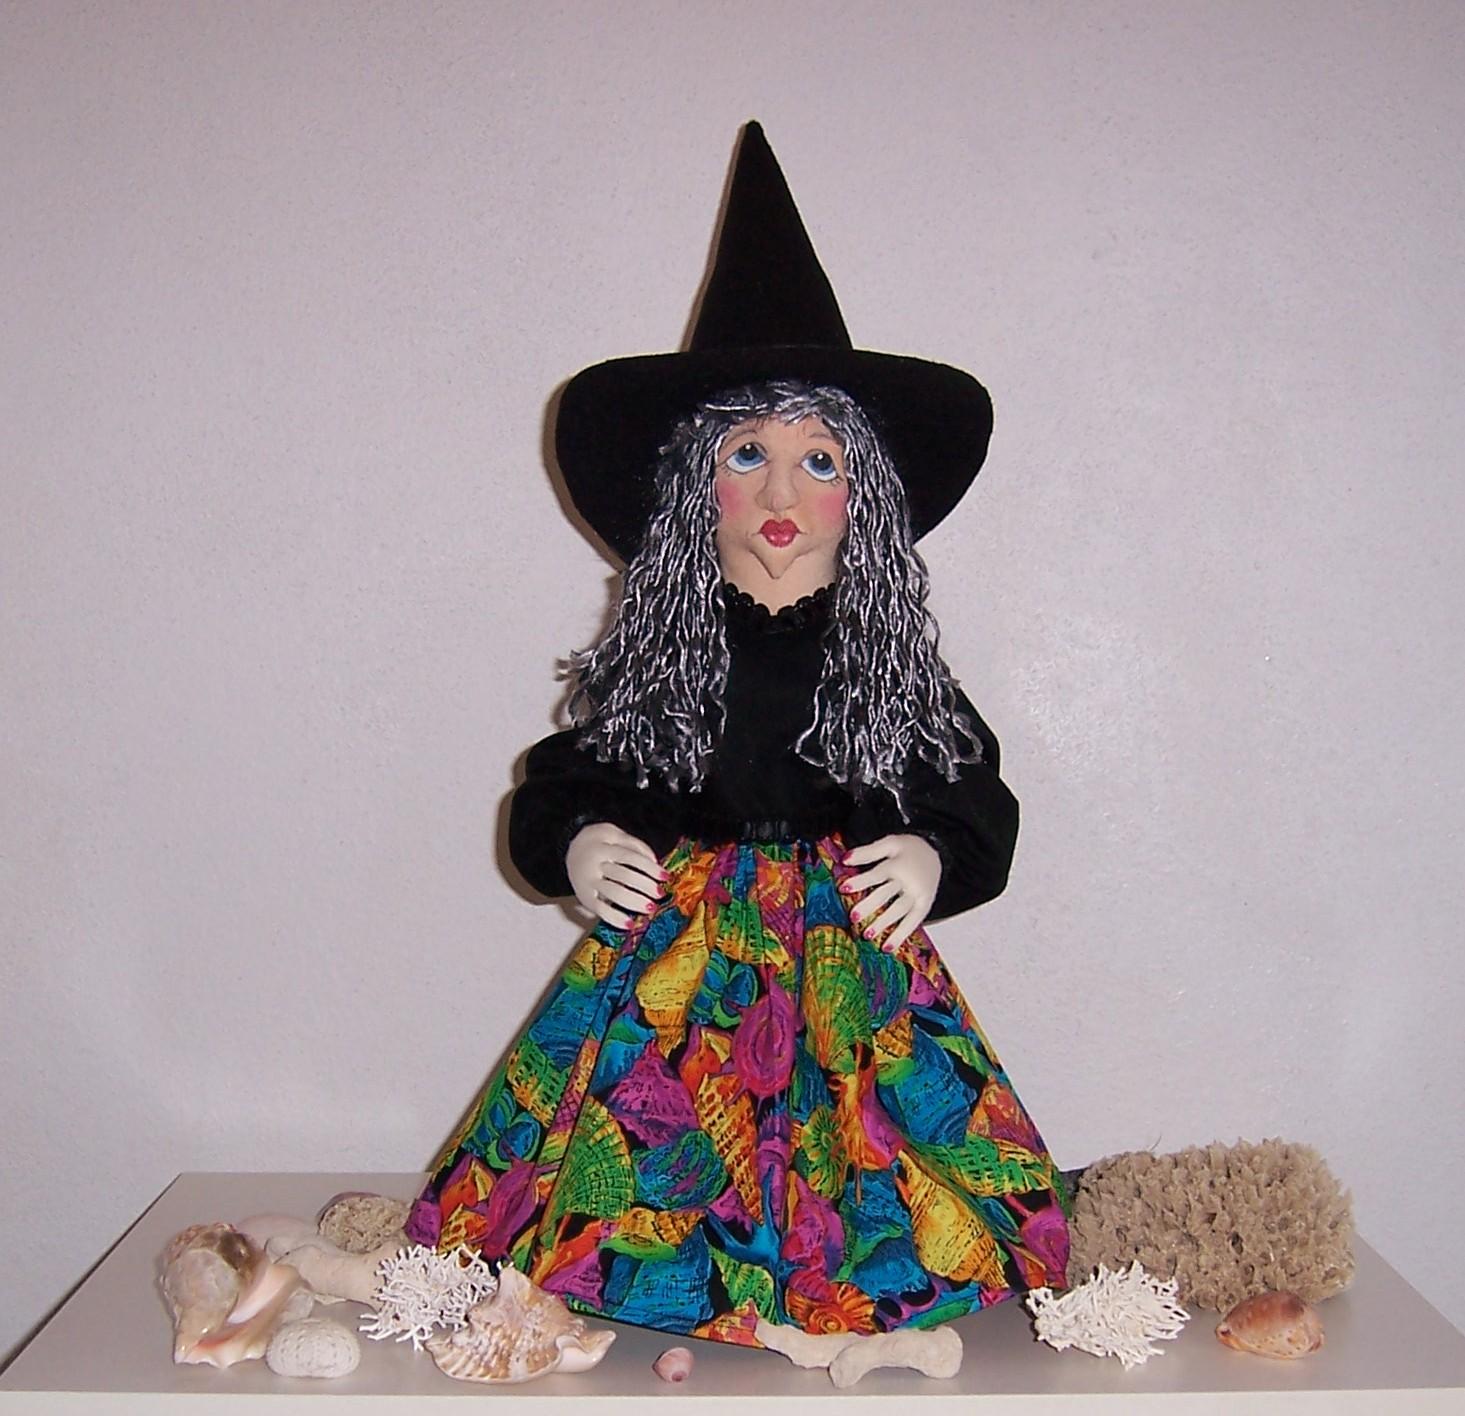 http://1.bp.blogspot.com/_SRtGtOD4534/SxACeN4eyRI/AAAAAAAAAD4/1Yy_rL1Walw/s1600/Halloween%2BWitch.JPG